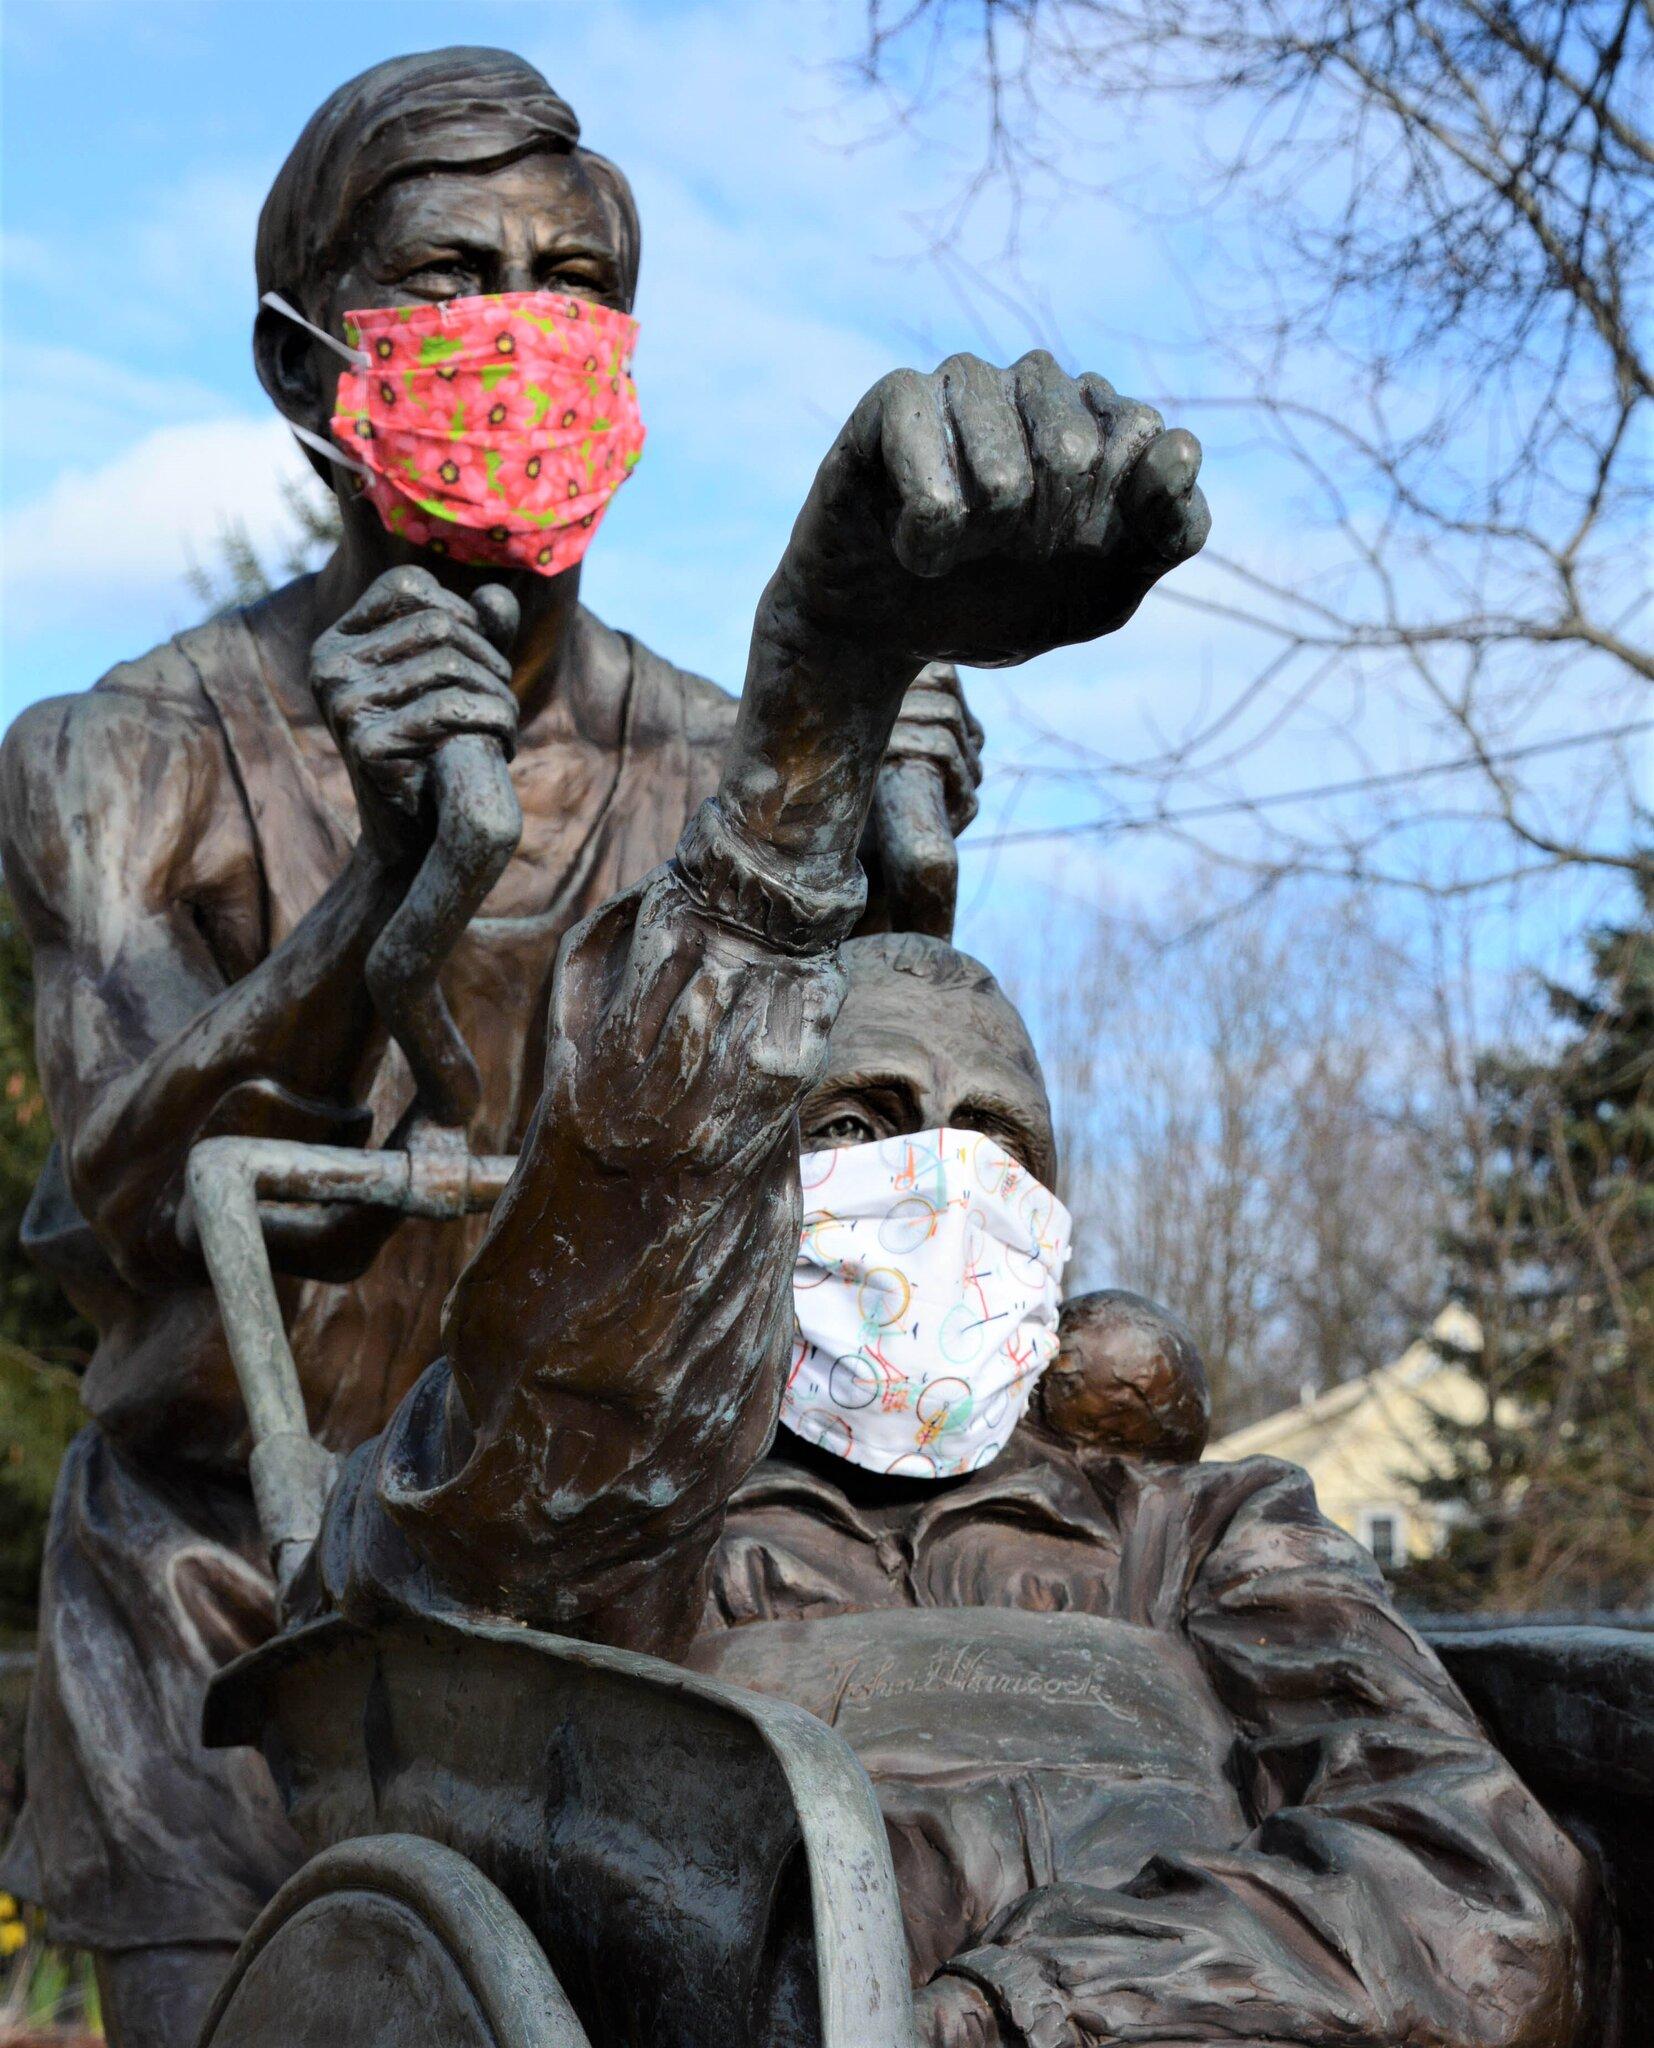 Maraton Boston menghormati Dick dan Rick dengan patung perunggu yang ditempatkan di dekat garis start lari ini sejak 2013. Foto: New York Times